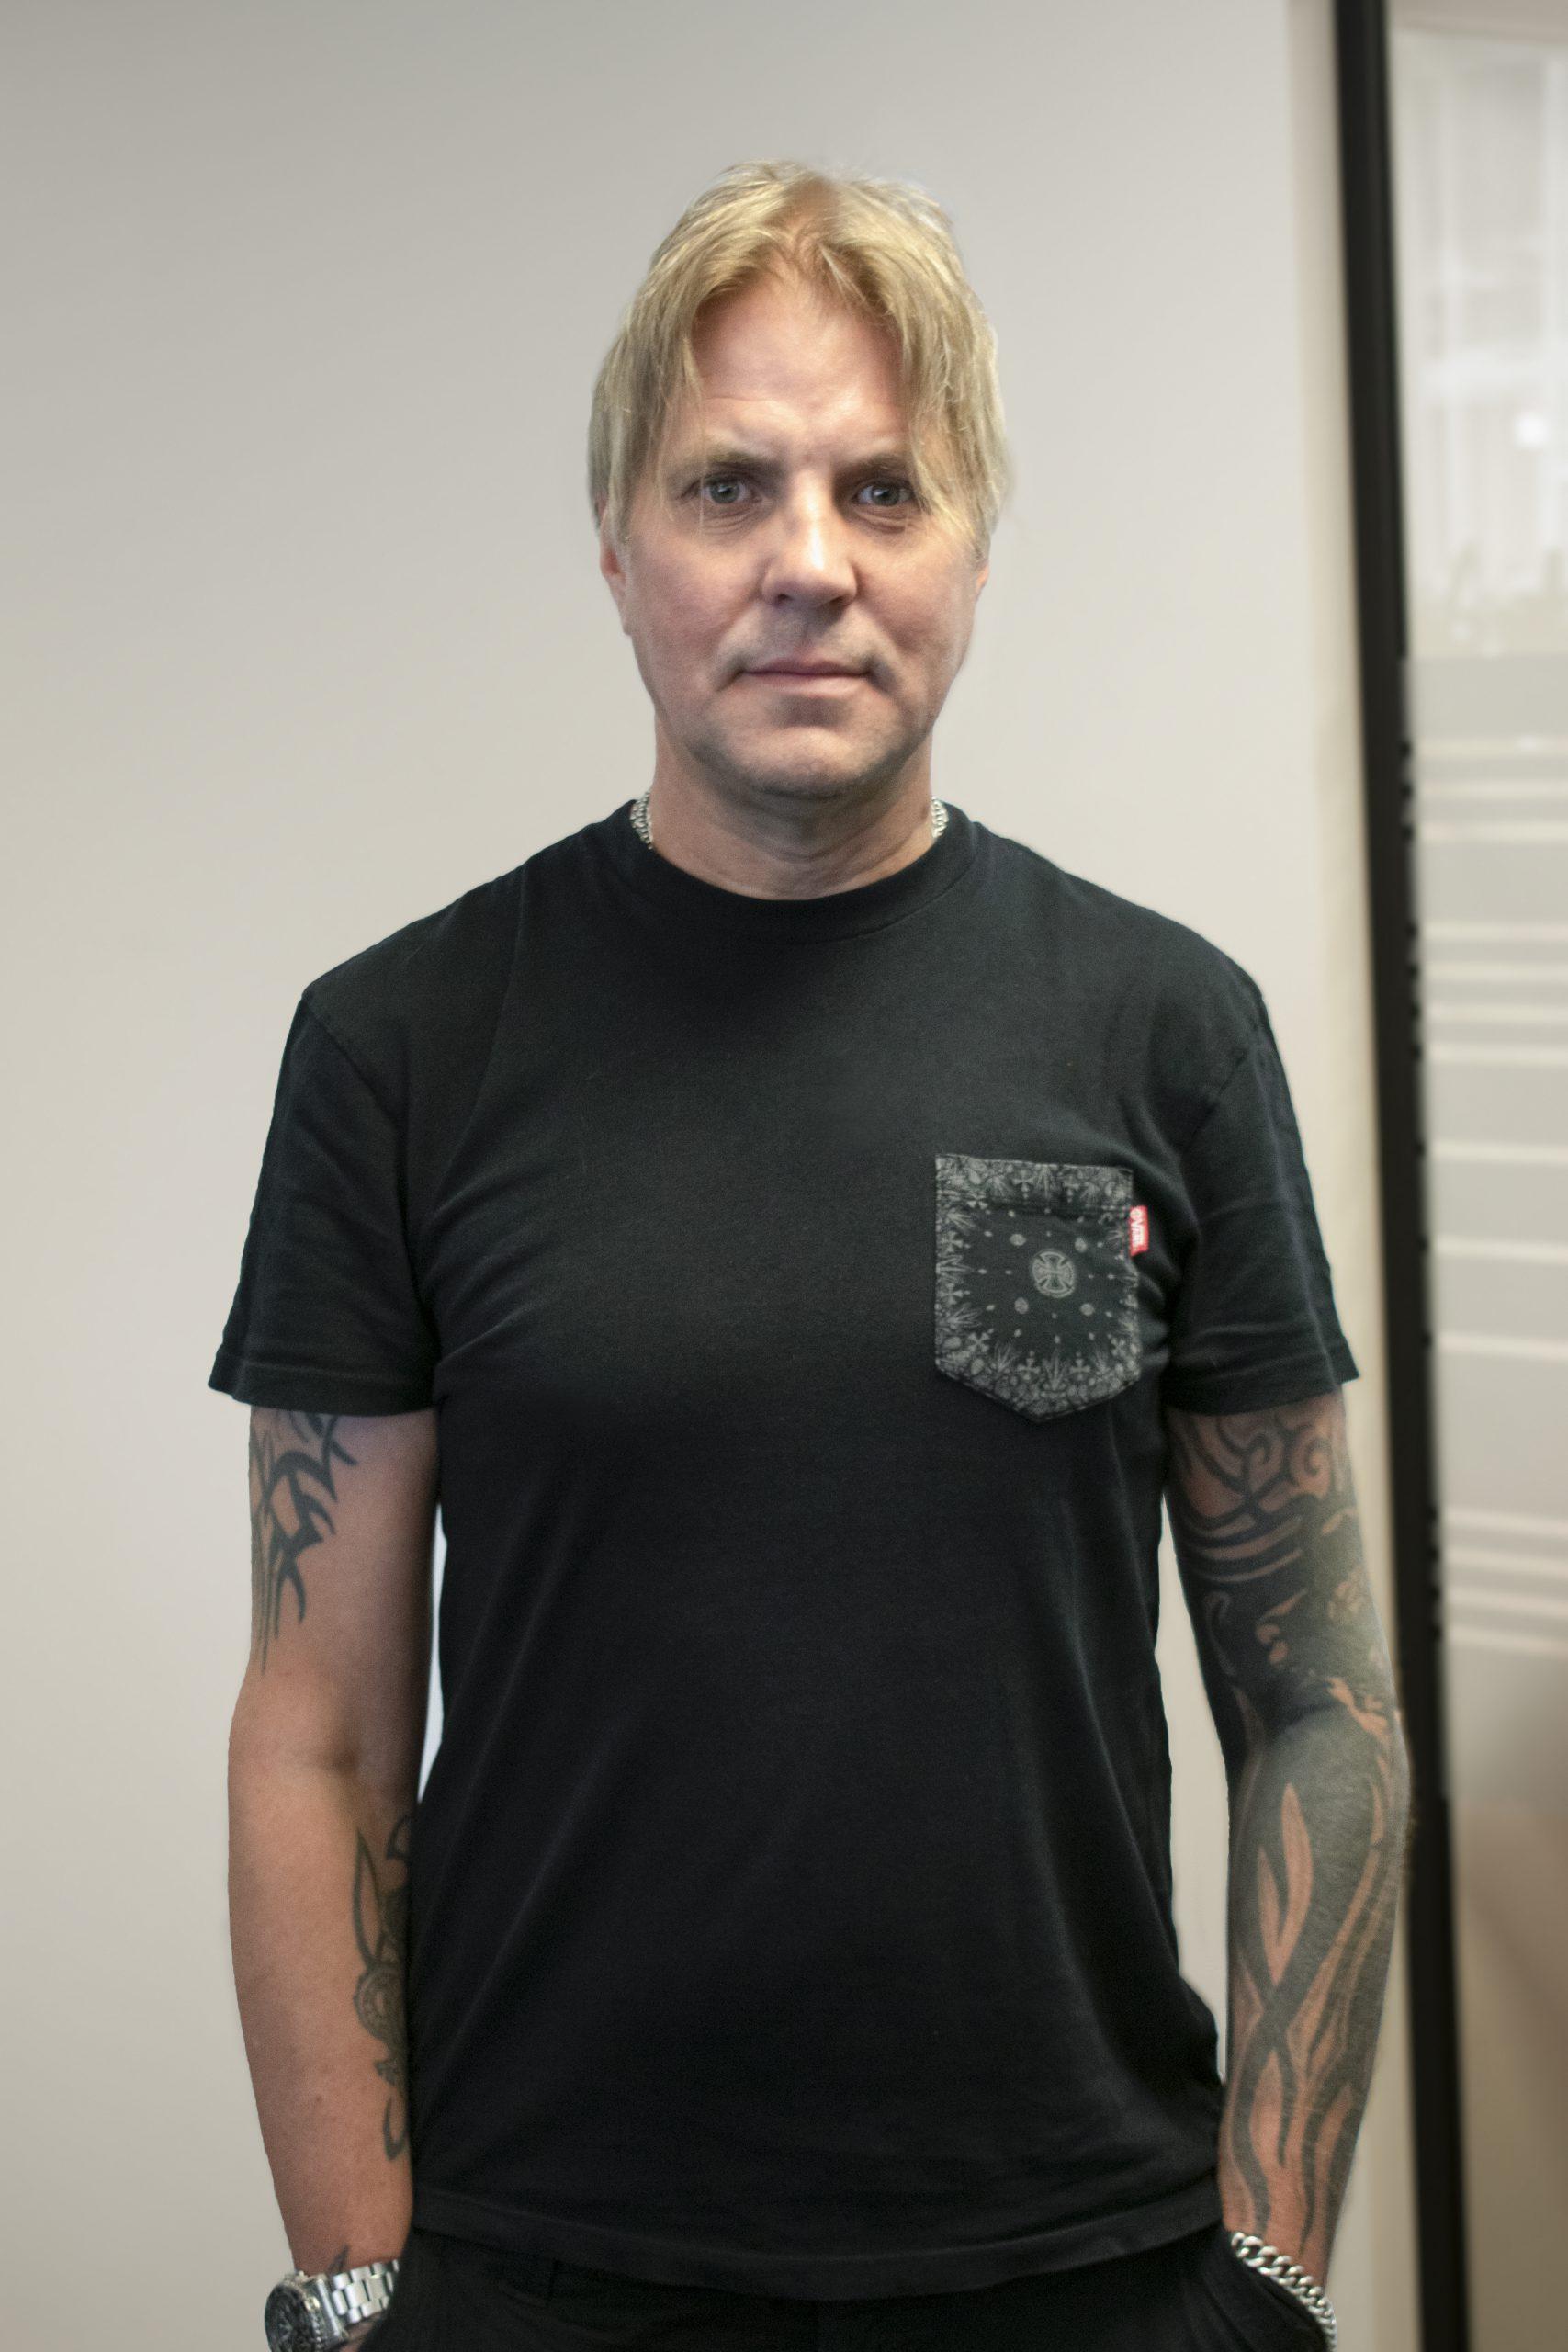 Johan Seibaek